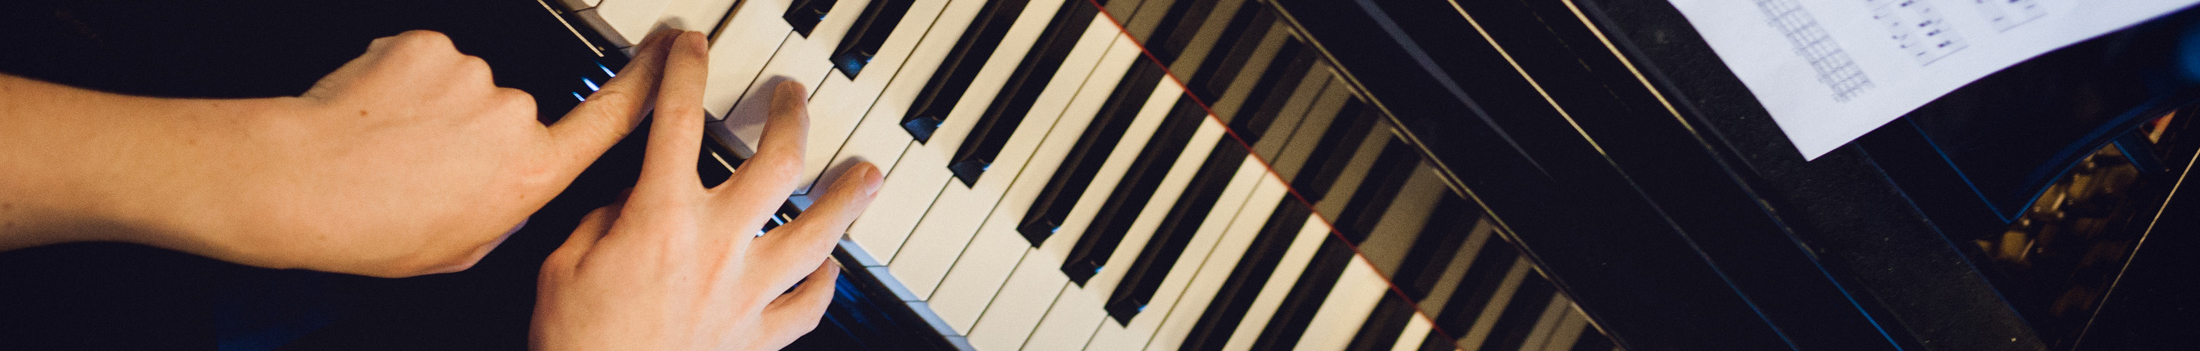 FG-Musik-33